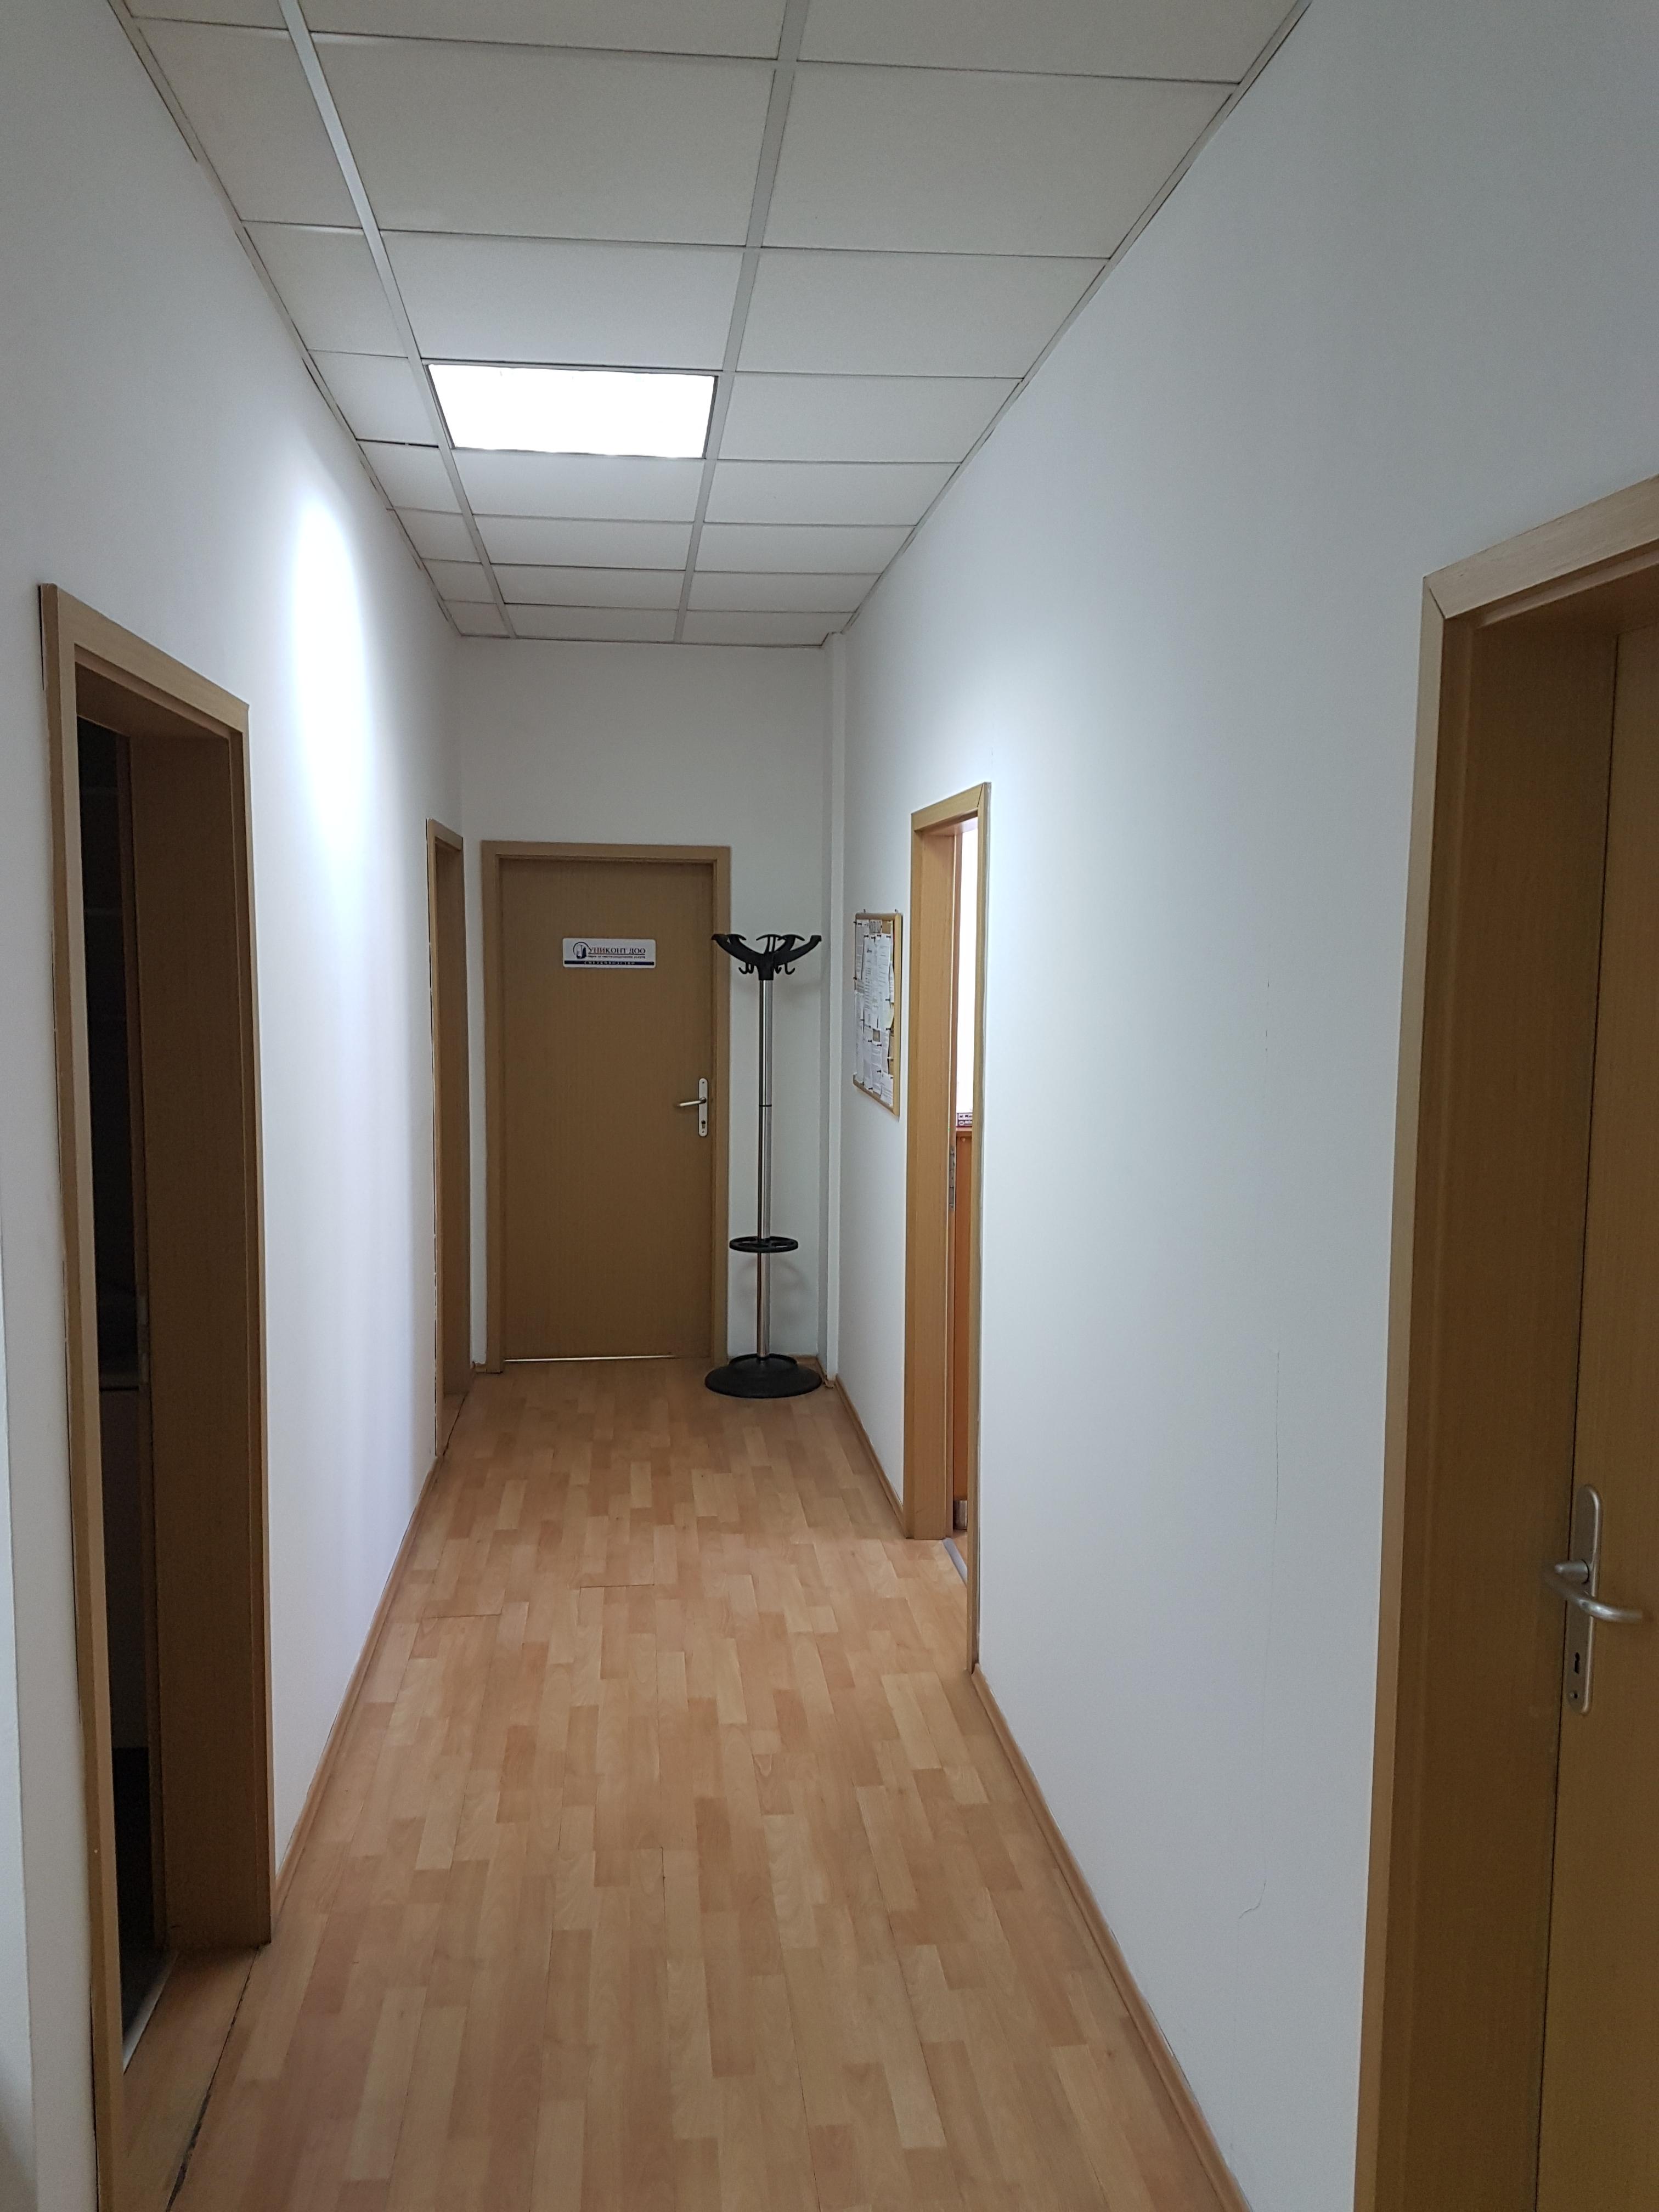 hodnik2